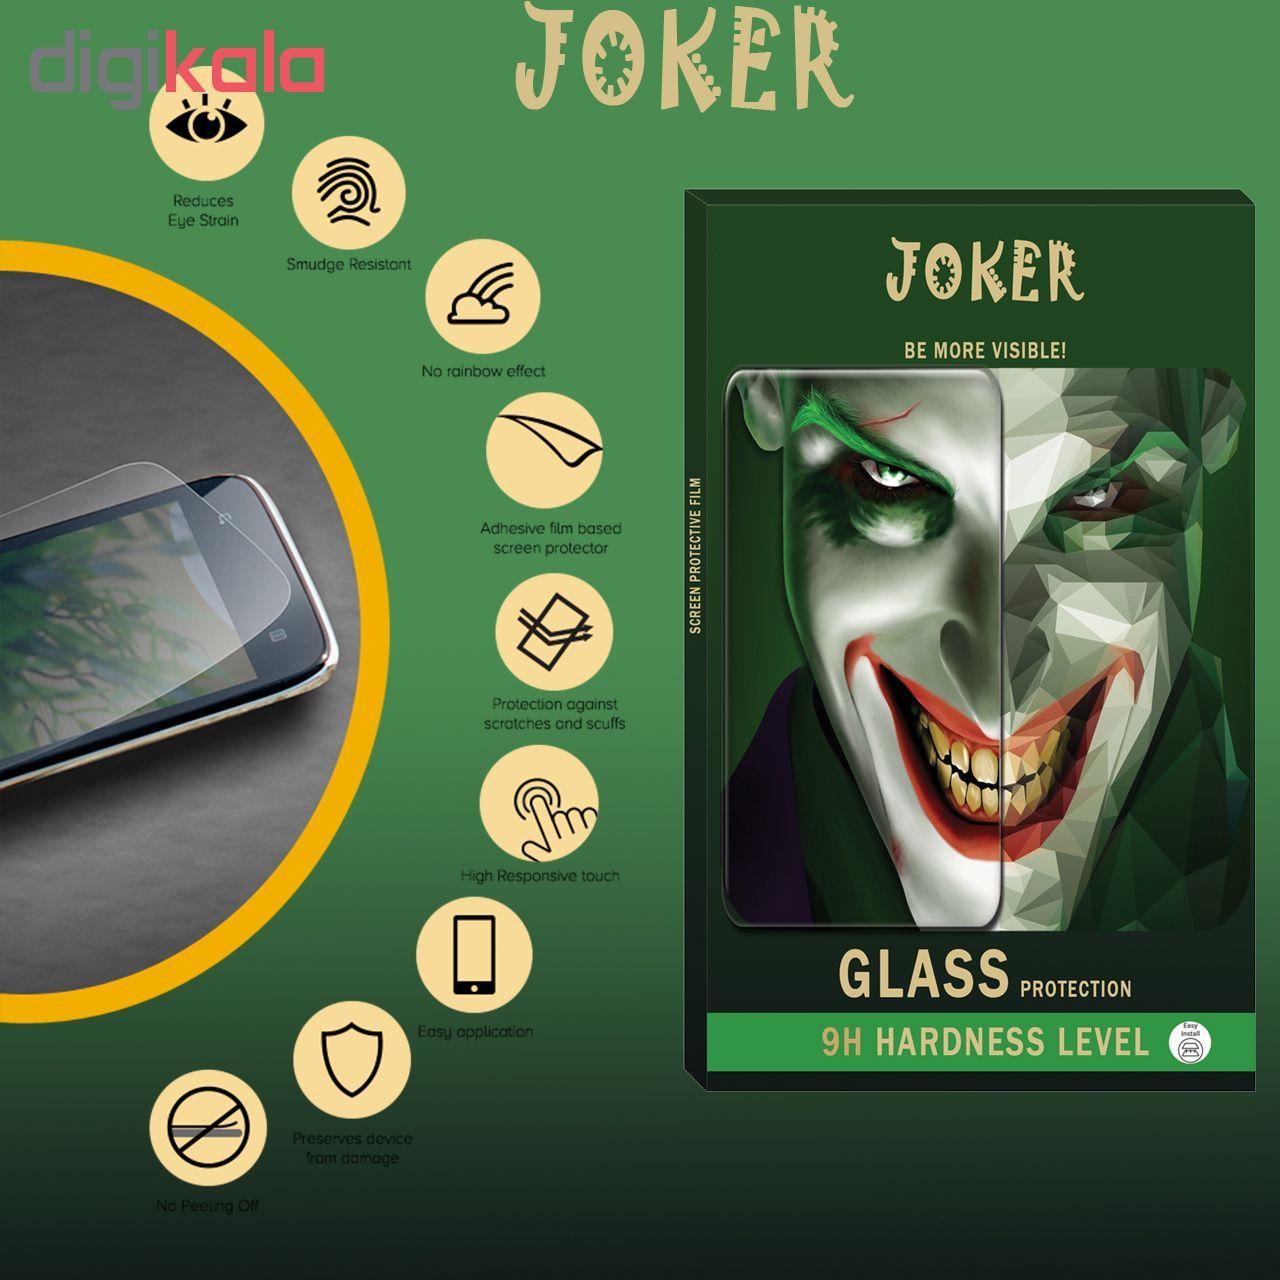 محافظ صفحه نمایش و پشت گوشی جوکر مدل FUM-01 مناسب برای گوشی موبایل Iphone X/Xs به همراه محافظ لنز دوربین main 1 2